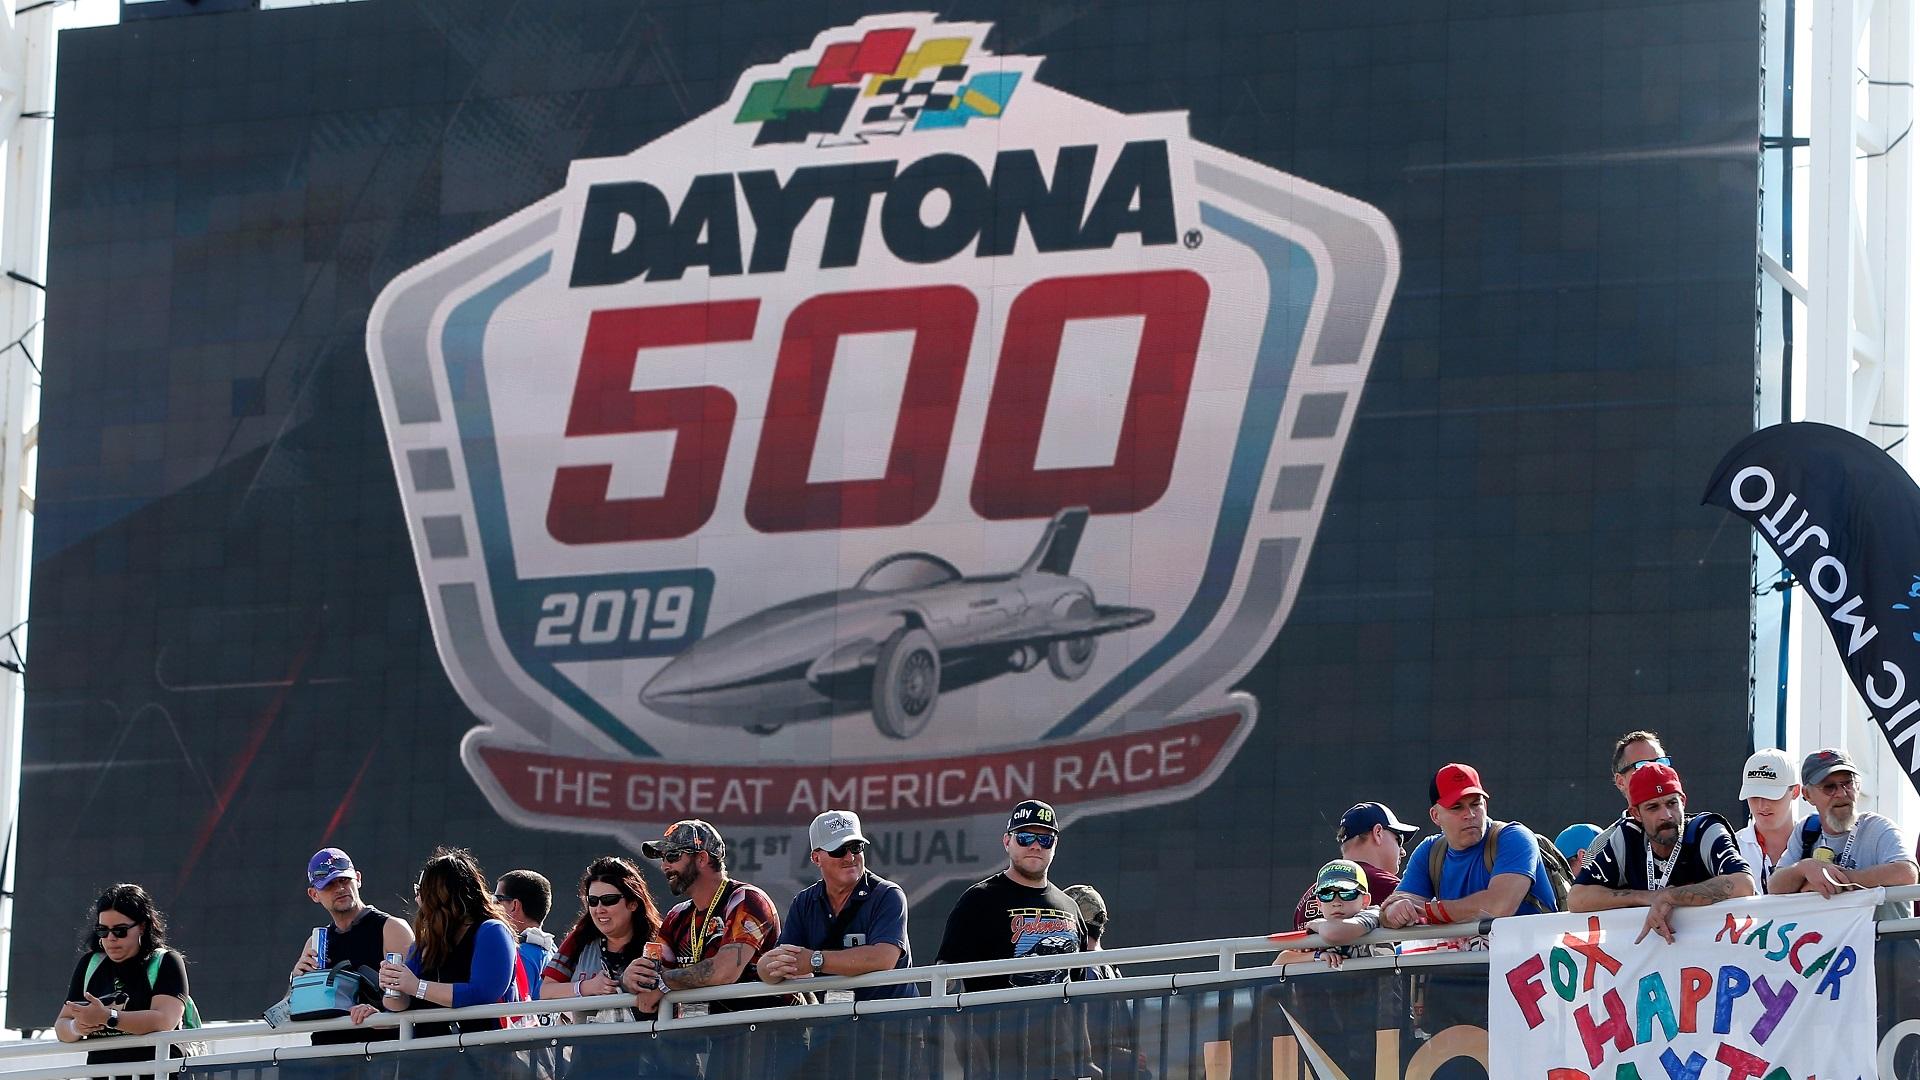 Daytona 500 2019